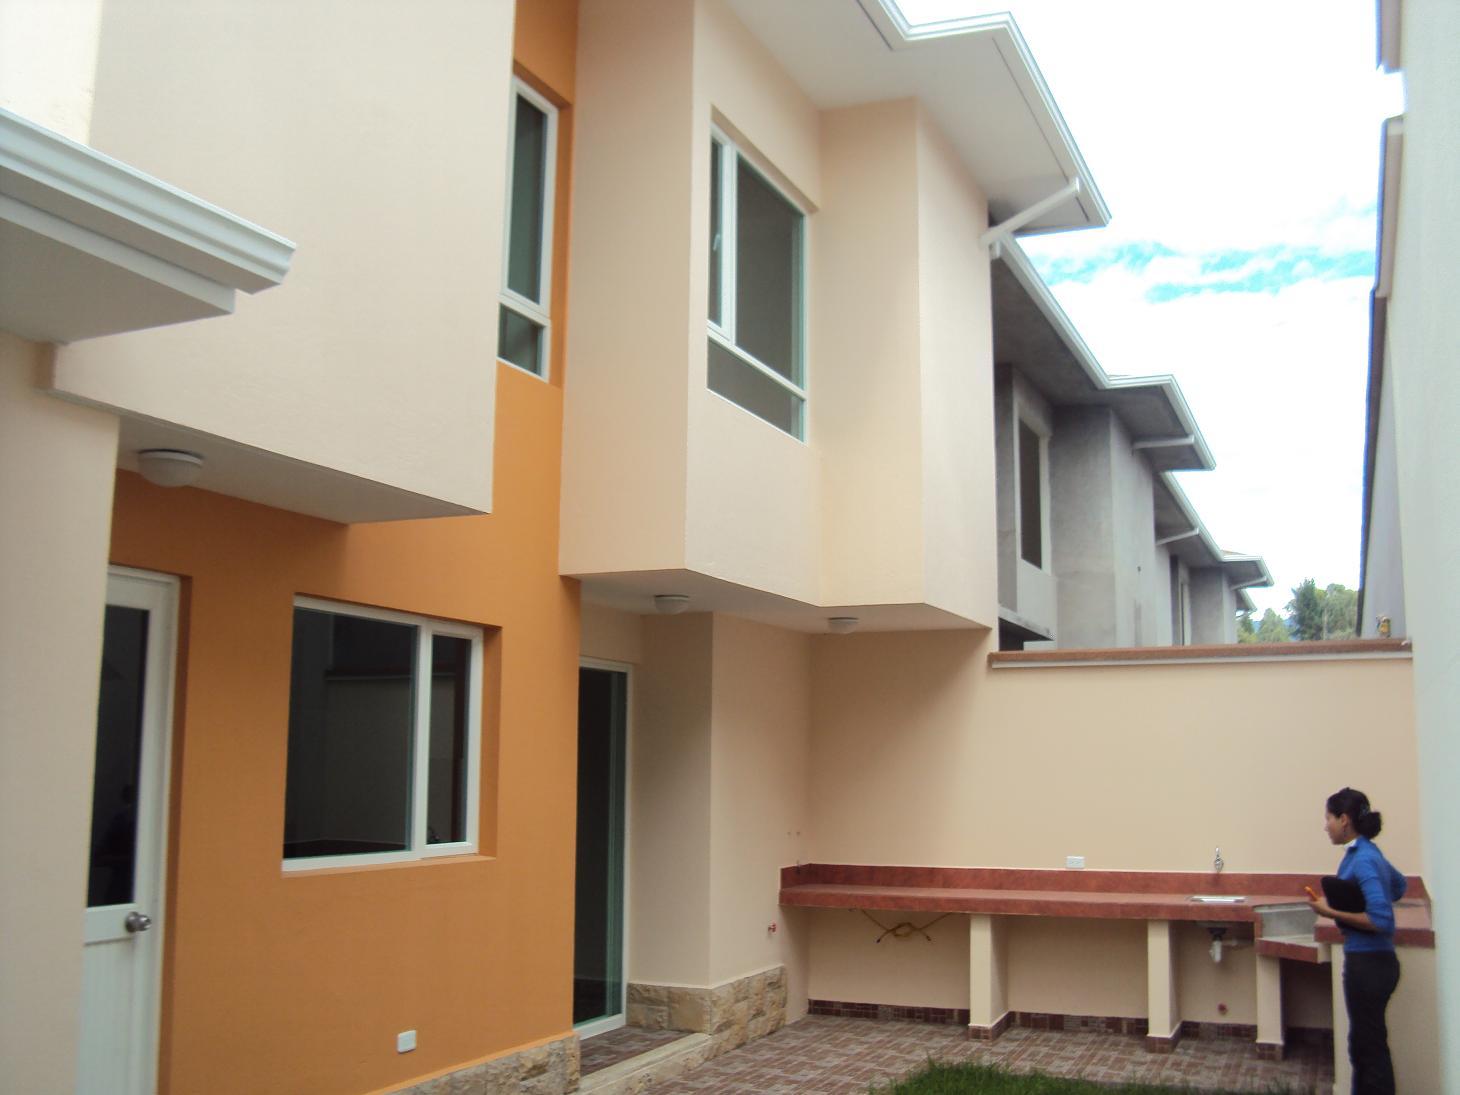 Tinas De Baño Graiman:planta alta sala de estar piso flotante de alto tráfico